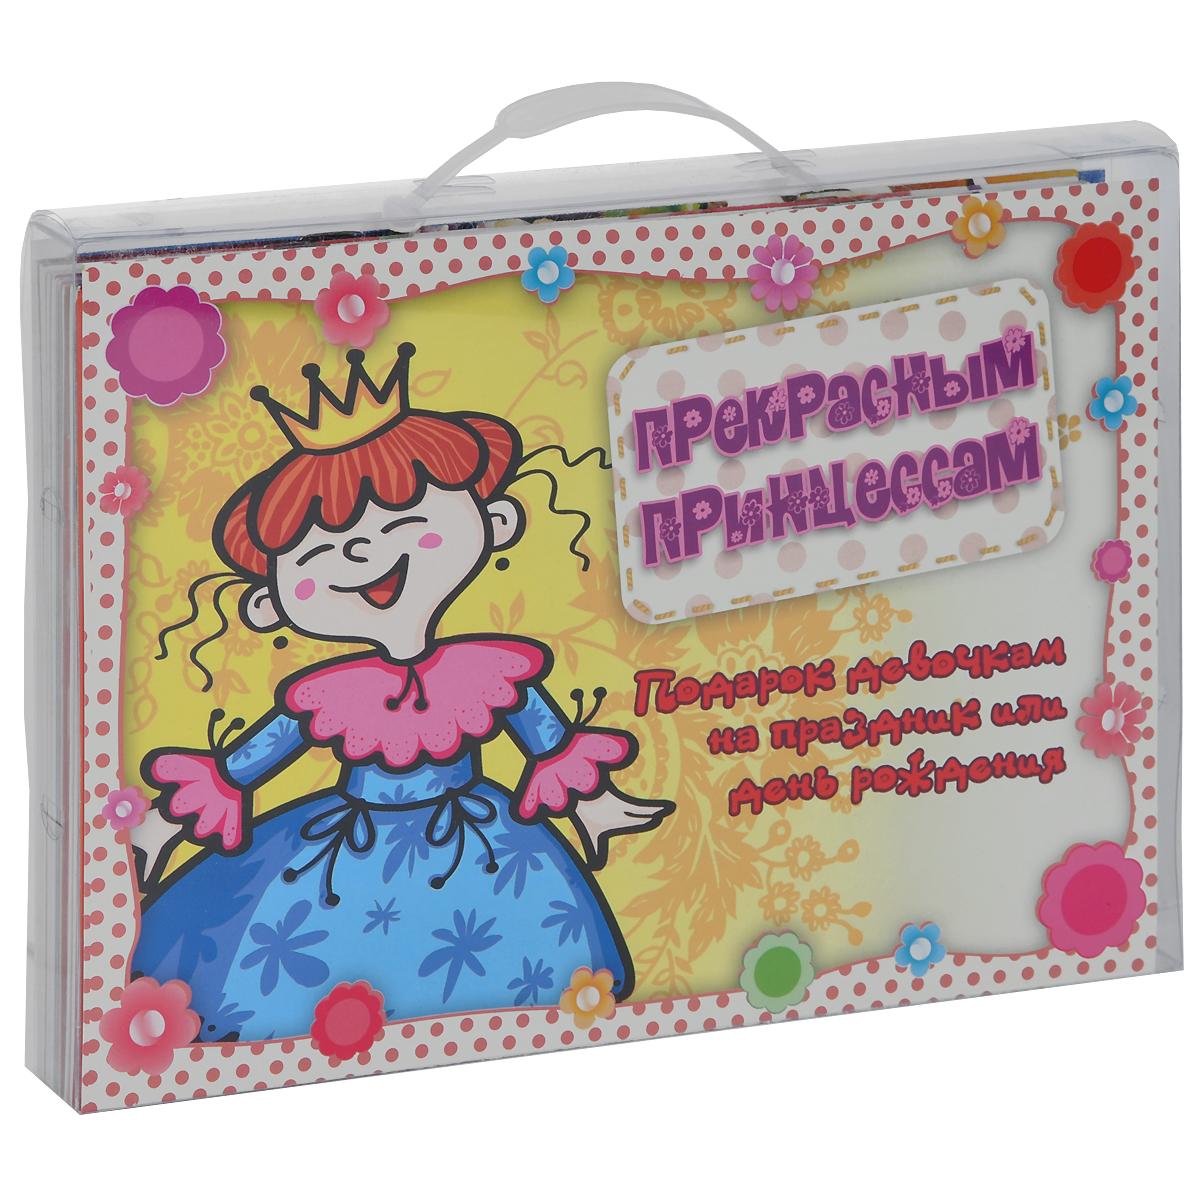 Прекрасным принцессам. Подарок девочкам на праздник или день рождения (комплект из 14 книжек)12296407Что подарить своей прекрасной принцессе на праздник или в день рождения? Хотелось бы что-то, отличное от куклы, что бы порадовало и заинтересовало, чтобы ребенок занимался этим довольно длительное время, а не покрутил и бросил. И у нас это есть! Во-первых, специально для девочек - оригинальные кулинарные рецепты, которые по силам выполнить самой, чтобы порадовать маму с папой вкусненьким бутербродом/напитком, красивой открыткой или поделкой. Во-вторых, ваша принцесса сможет сама и куколку сделать - только свою, которой ни у кого нет. И, конечно, потренировать руку в прописях на две руки и со скрытыми картинками, а ум - в усвоении развивающей информации, которая совсем не будет скучной. В комплект вошли книжки для девочек 5-9 лет, направленные на развитие речи, воображения, познание окружающего мира и приобретение полезных навыков. - Там, где всегда мороз. Животные Севера - Лепим сказку-крошку - У Лукоморья дуб слепили ...